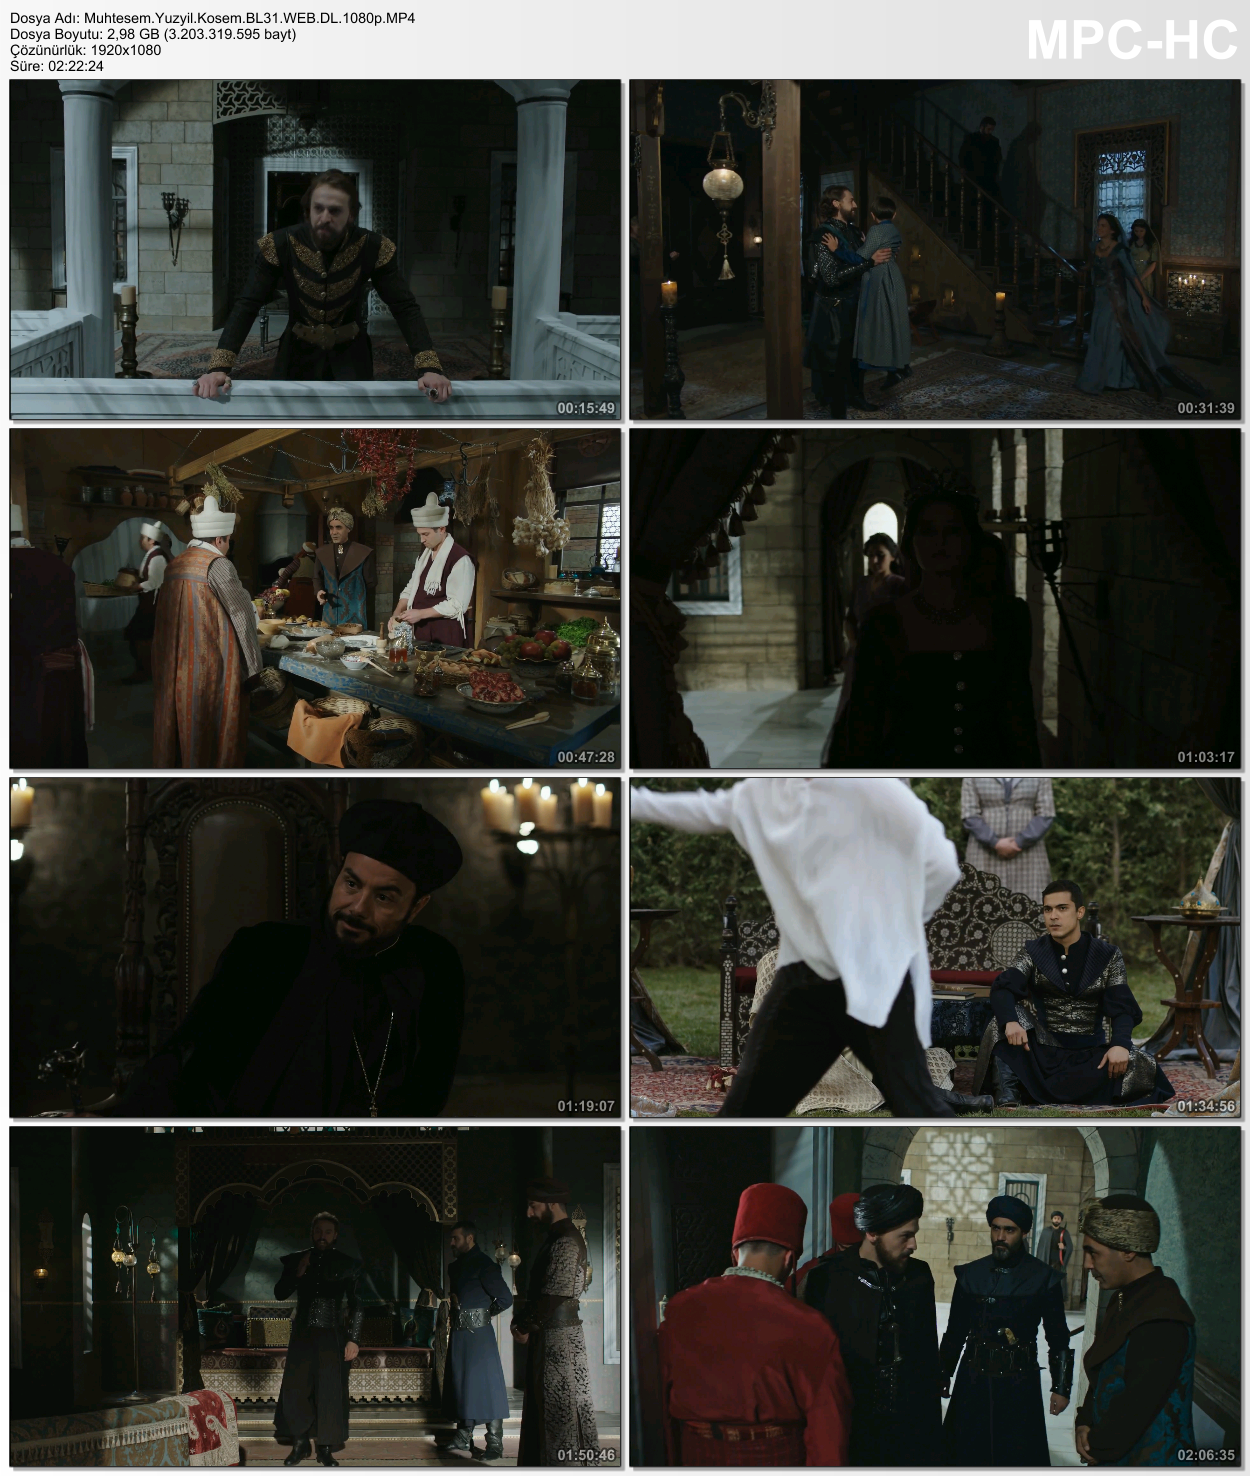 Muhteşem Yüzyıl - Kösem 42.Bölüm (HD - x264 - 1080p) Tüm Bölümler - VKRG